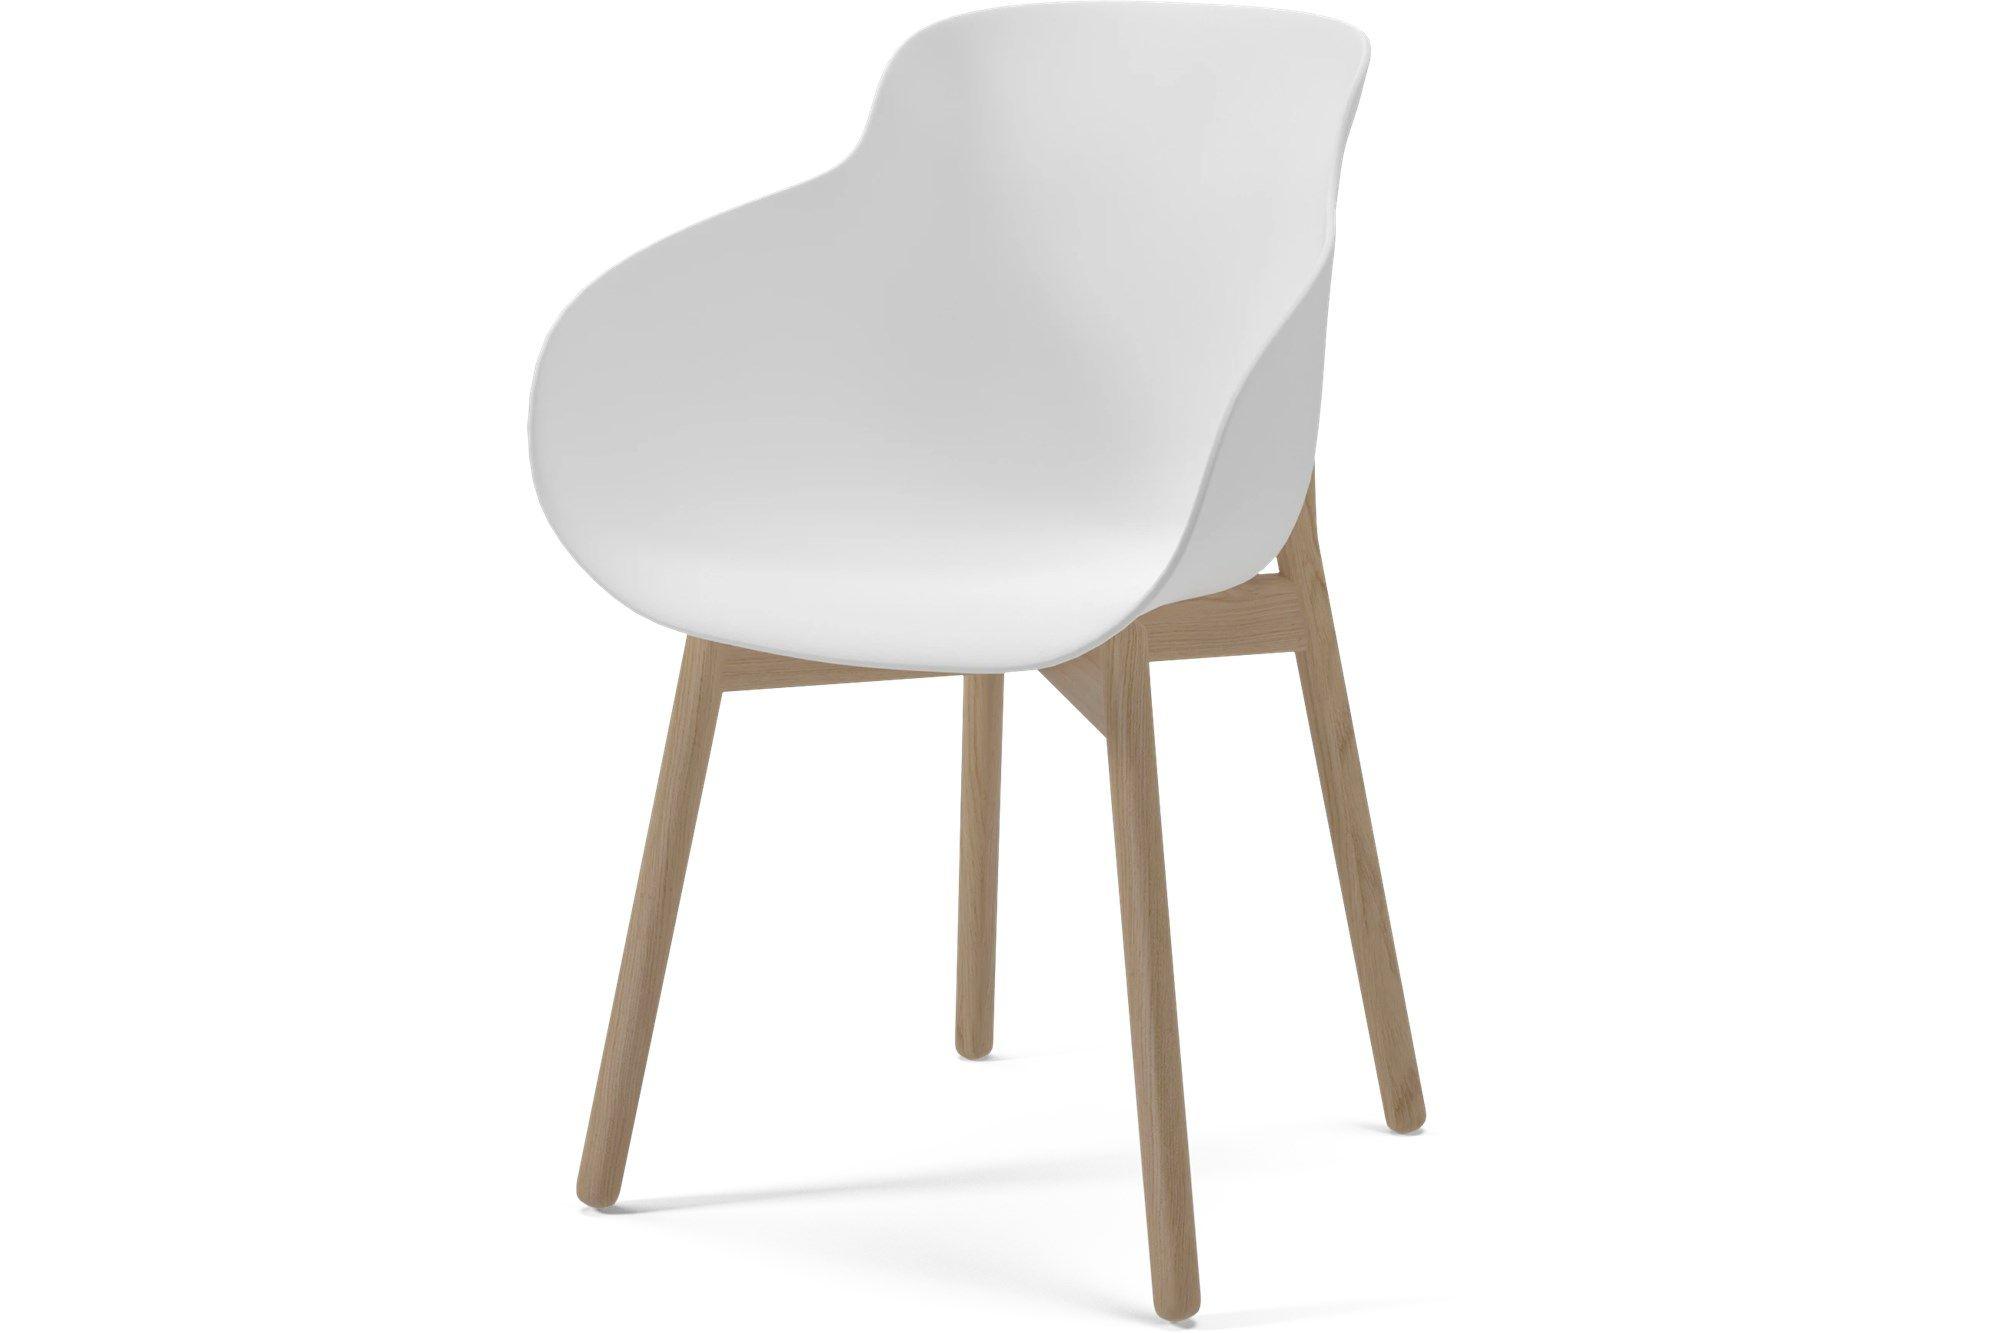 65cd25f22223fe9af00649ef8964c5ed Frais De Conforama Chaise De Bar Concept